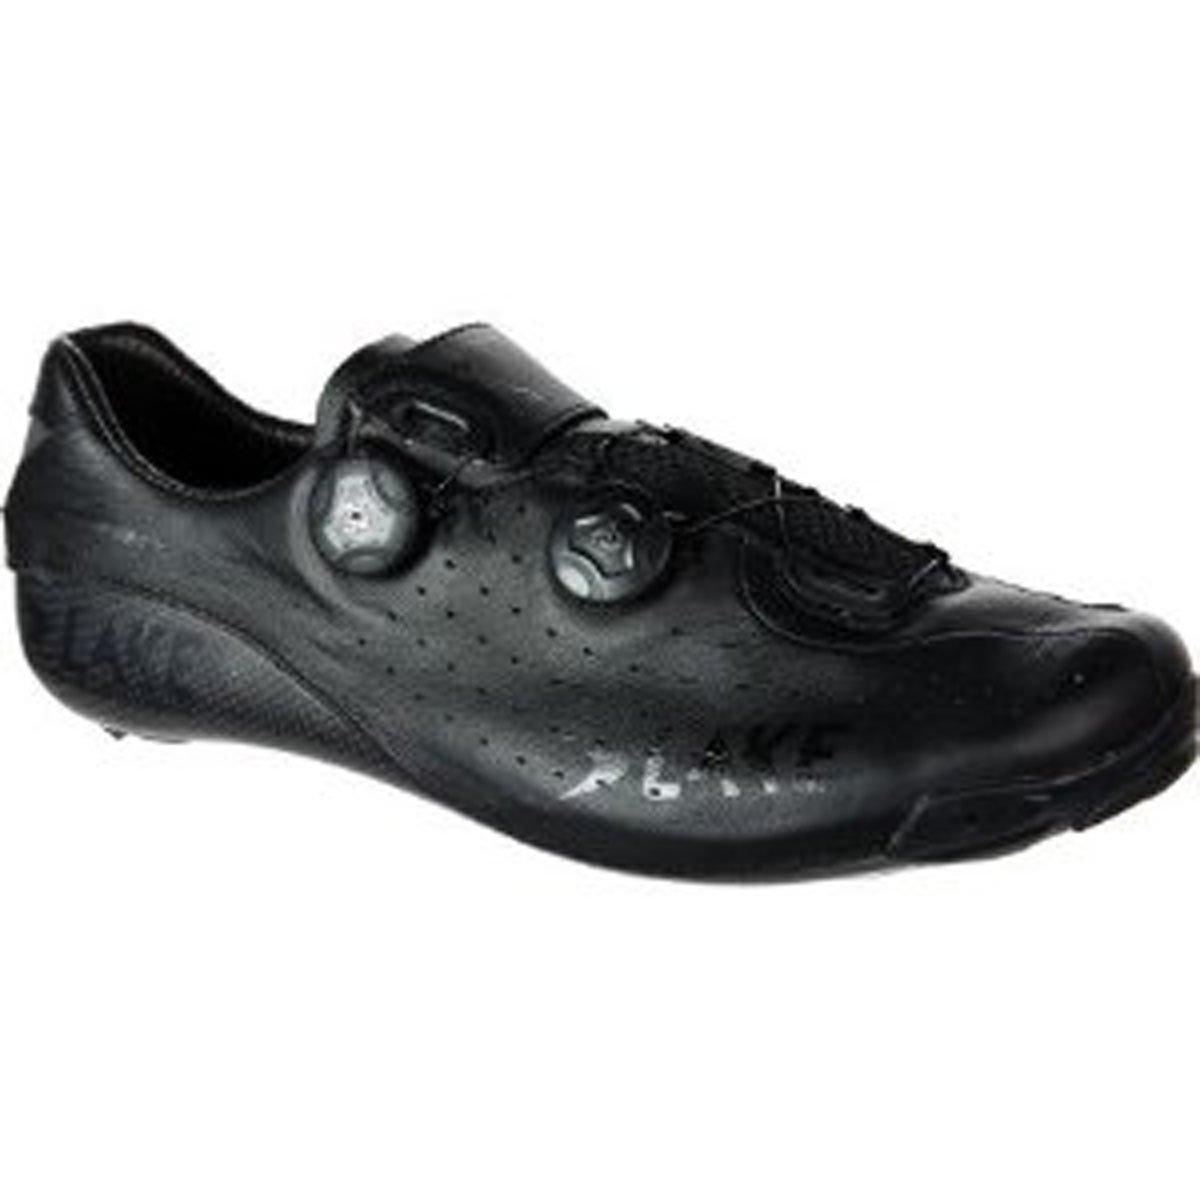 Lake CX402 Shoes - Men's B00JVW14SU 44.5|Black/Black